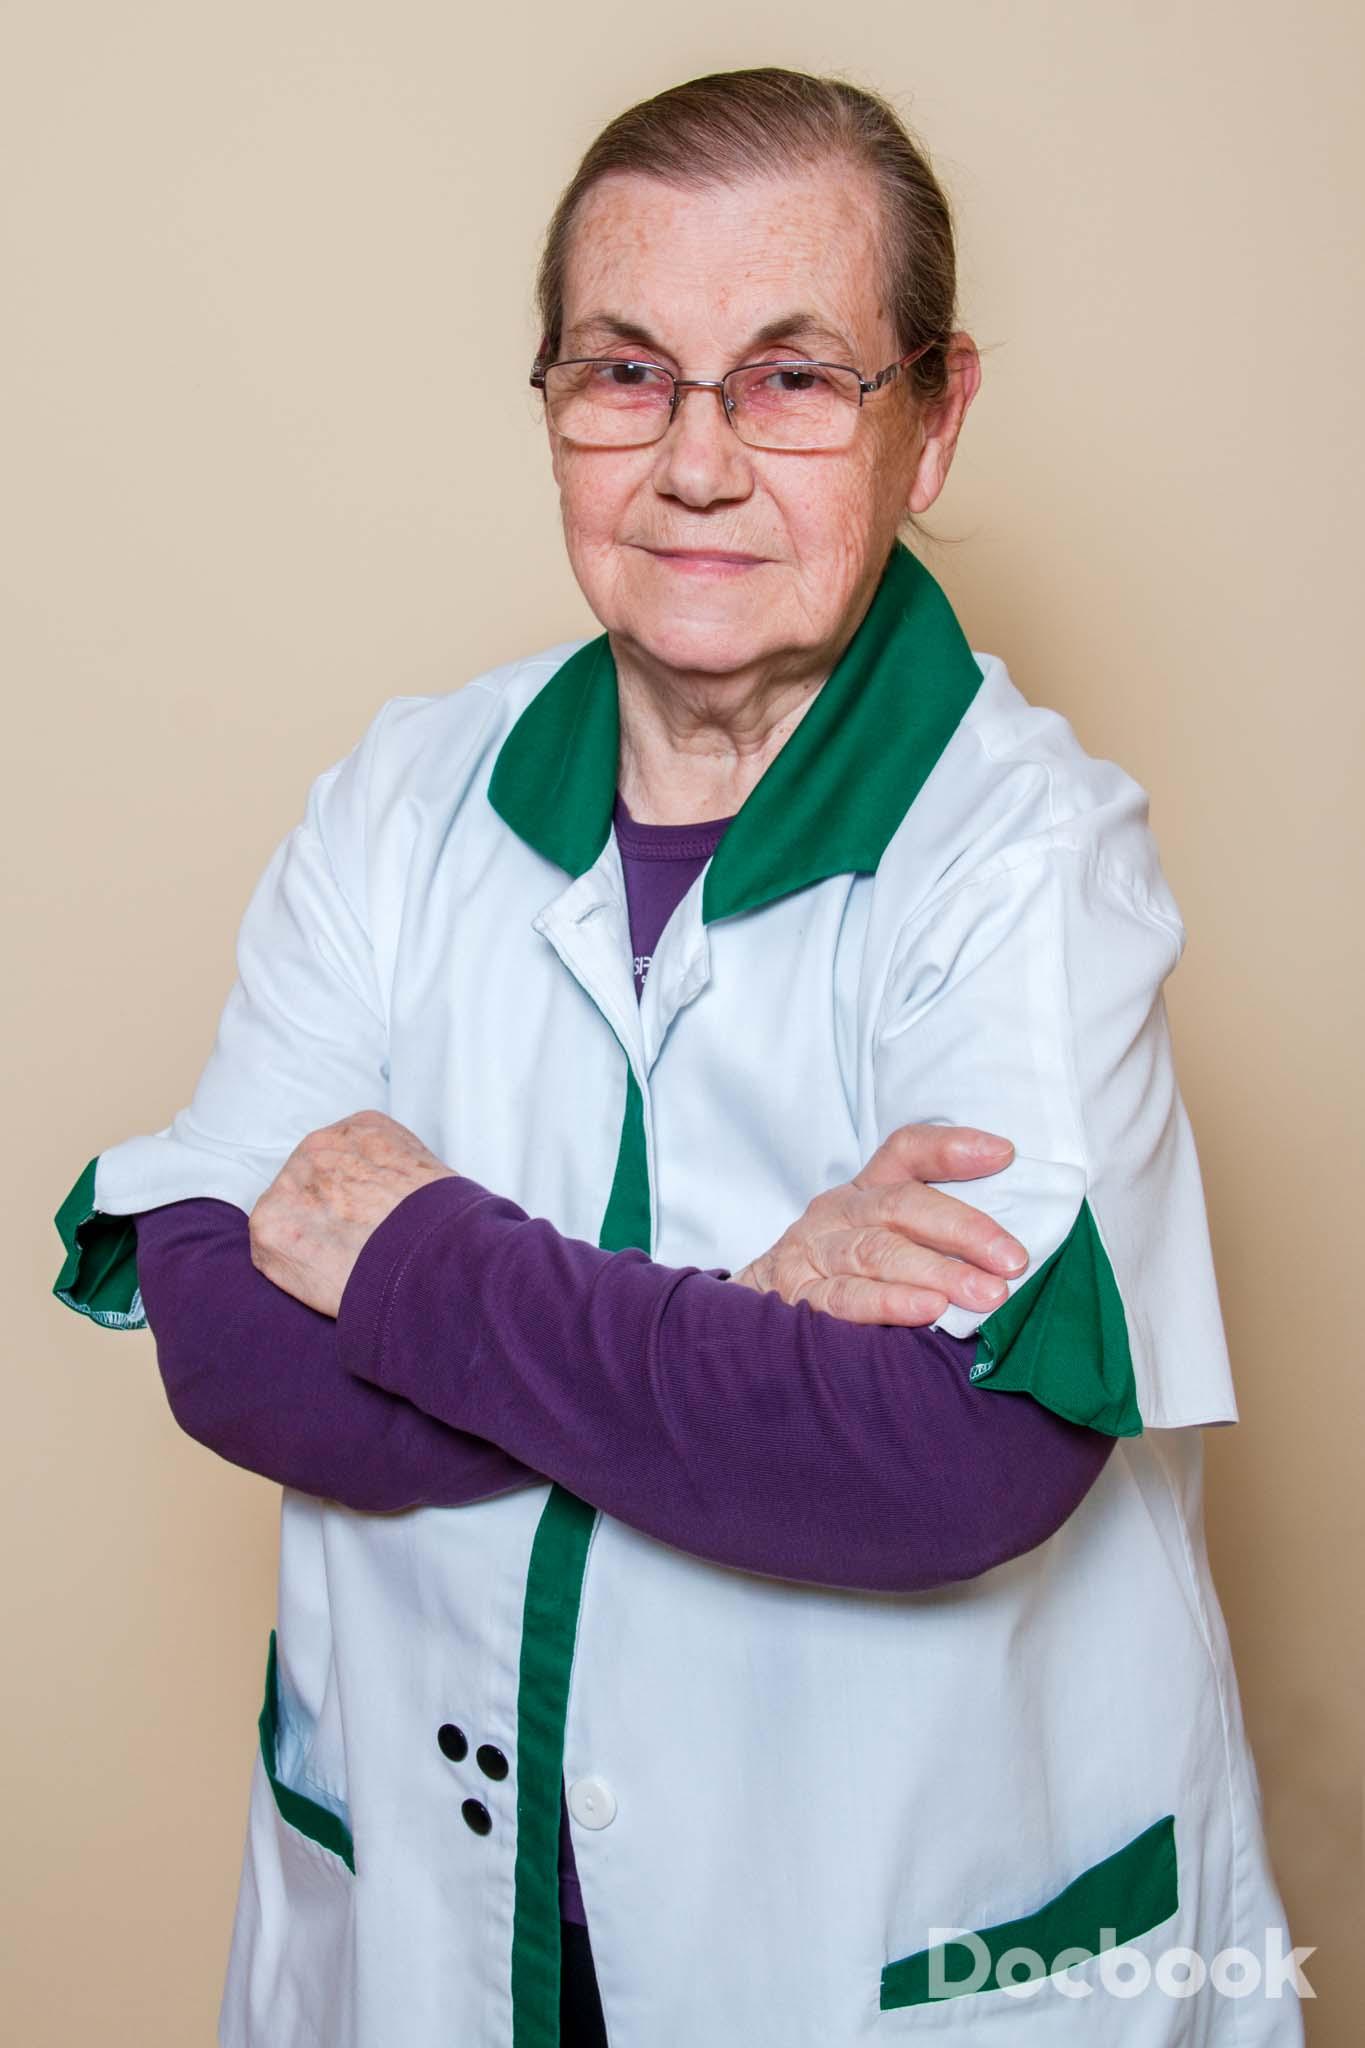 Dr. Ana Manoliu